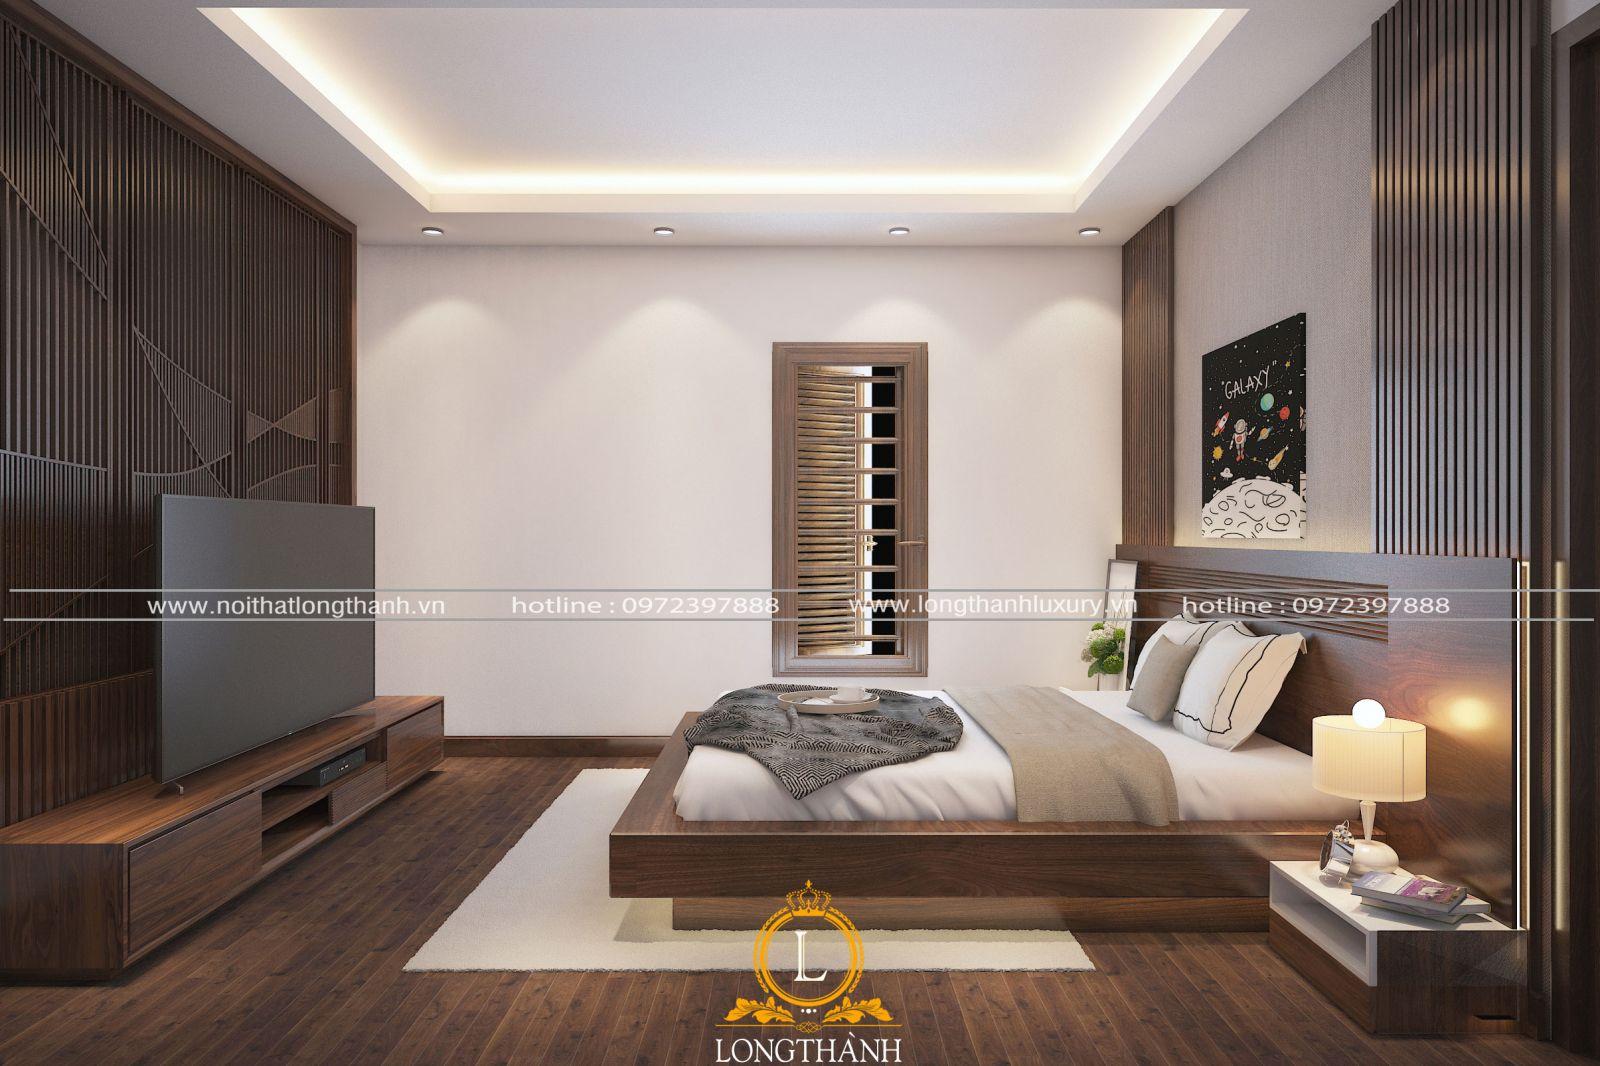 Mẫu phòng ngủ hiện đại gỗ Óc chó được ưa chuộng